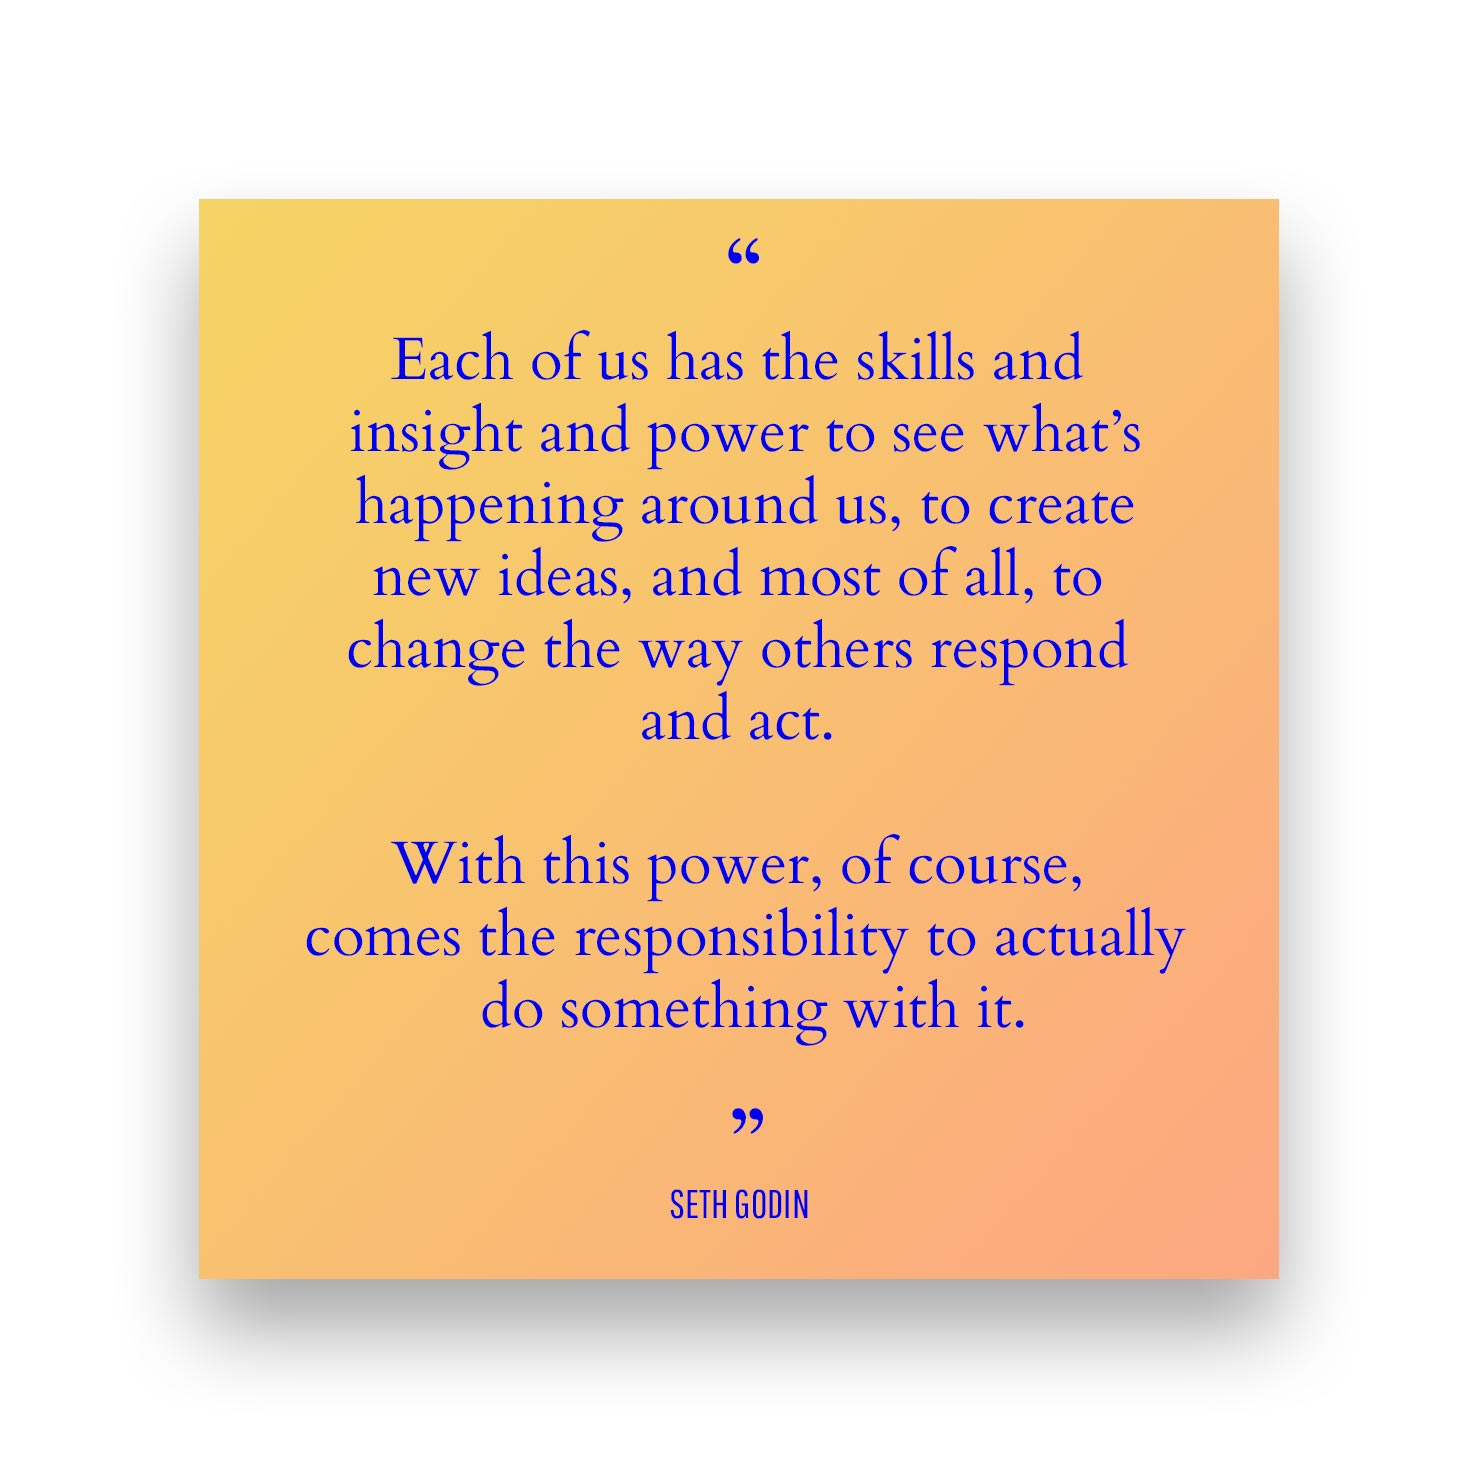 Quote 2 - Seth Godin